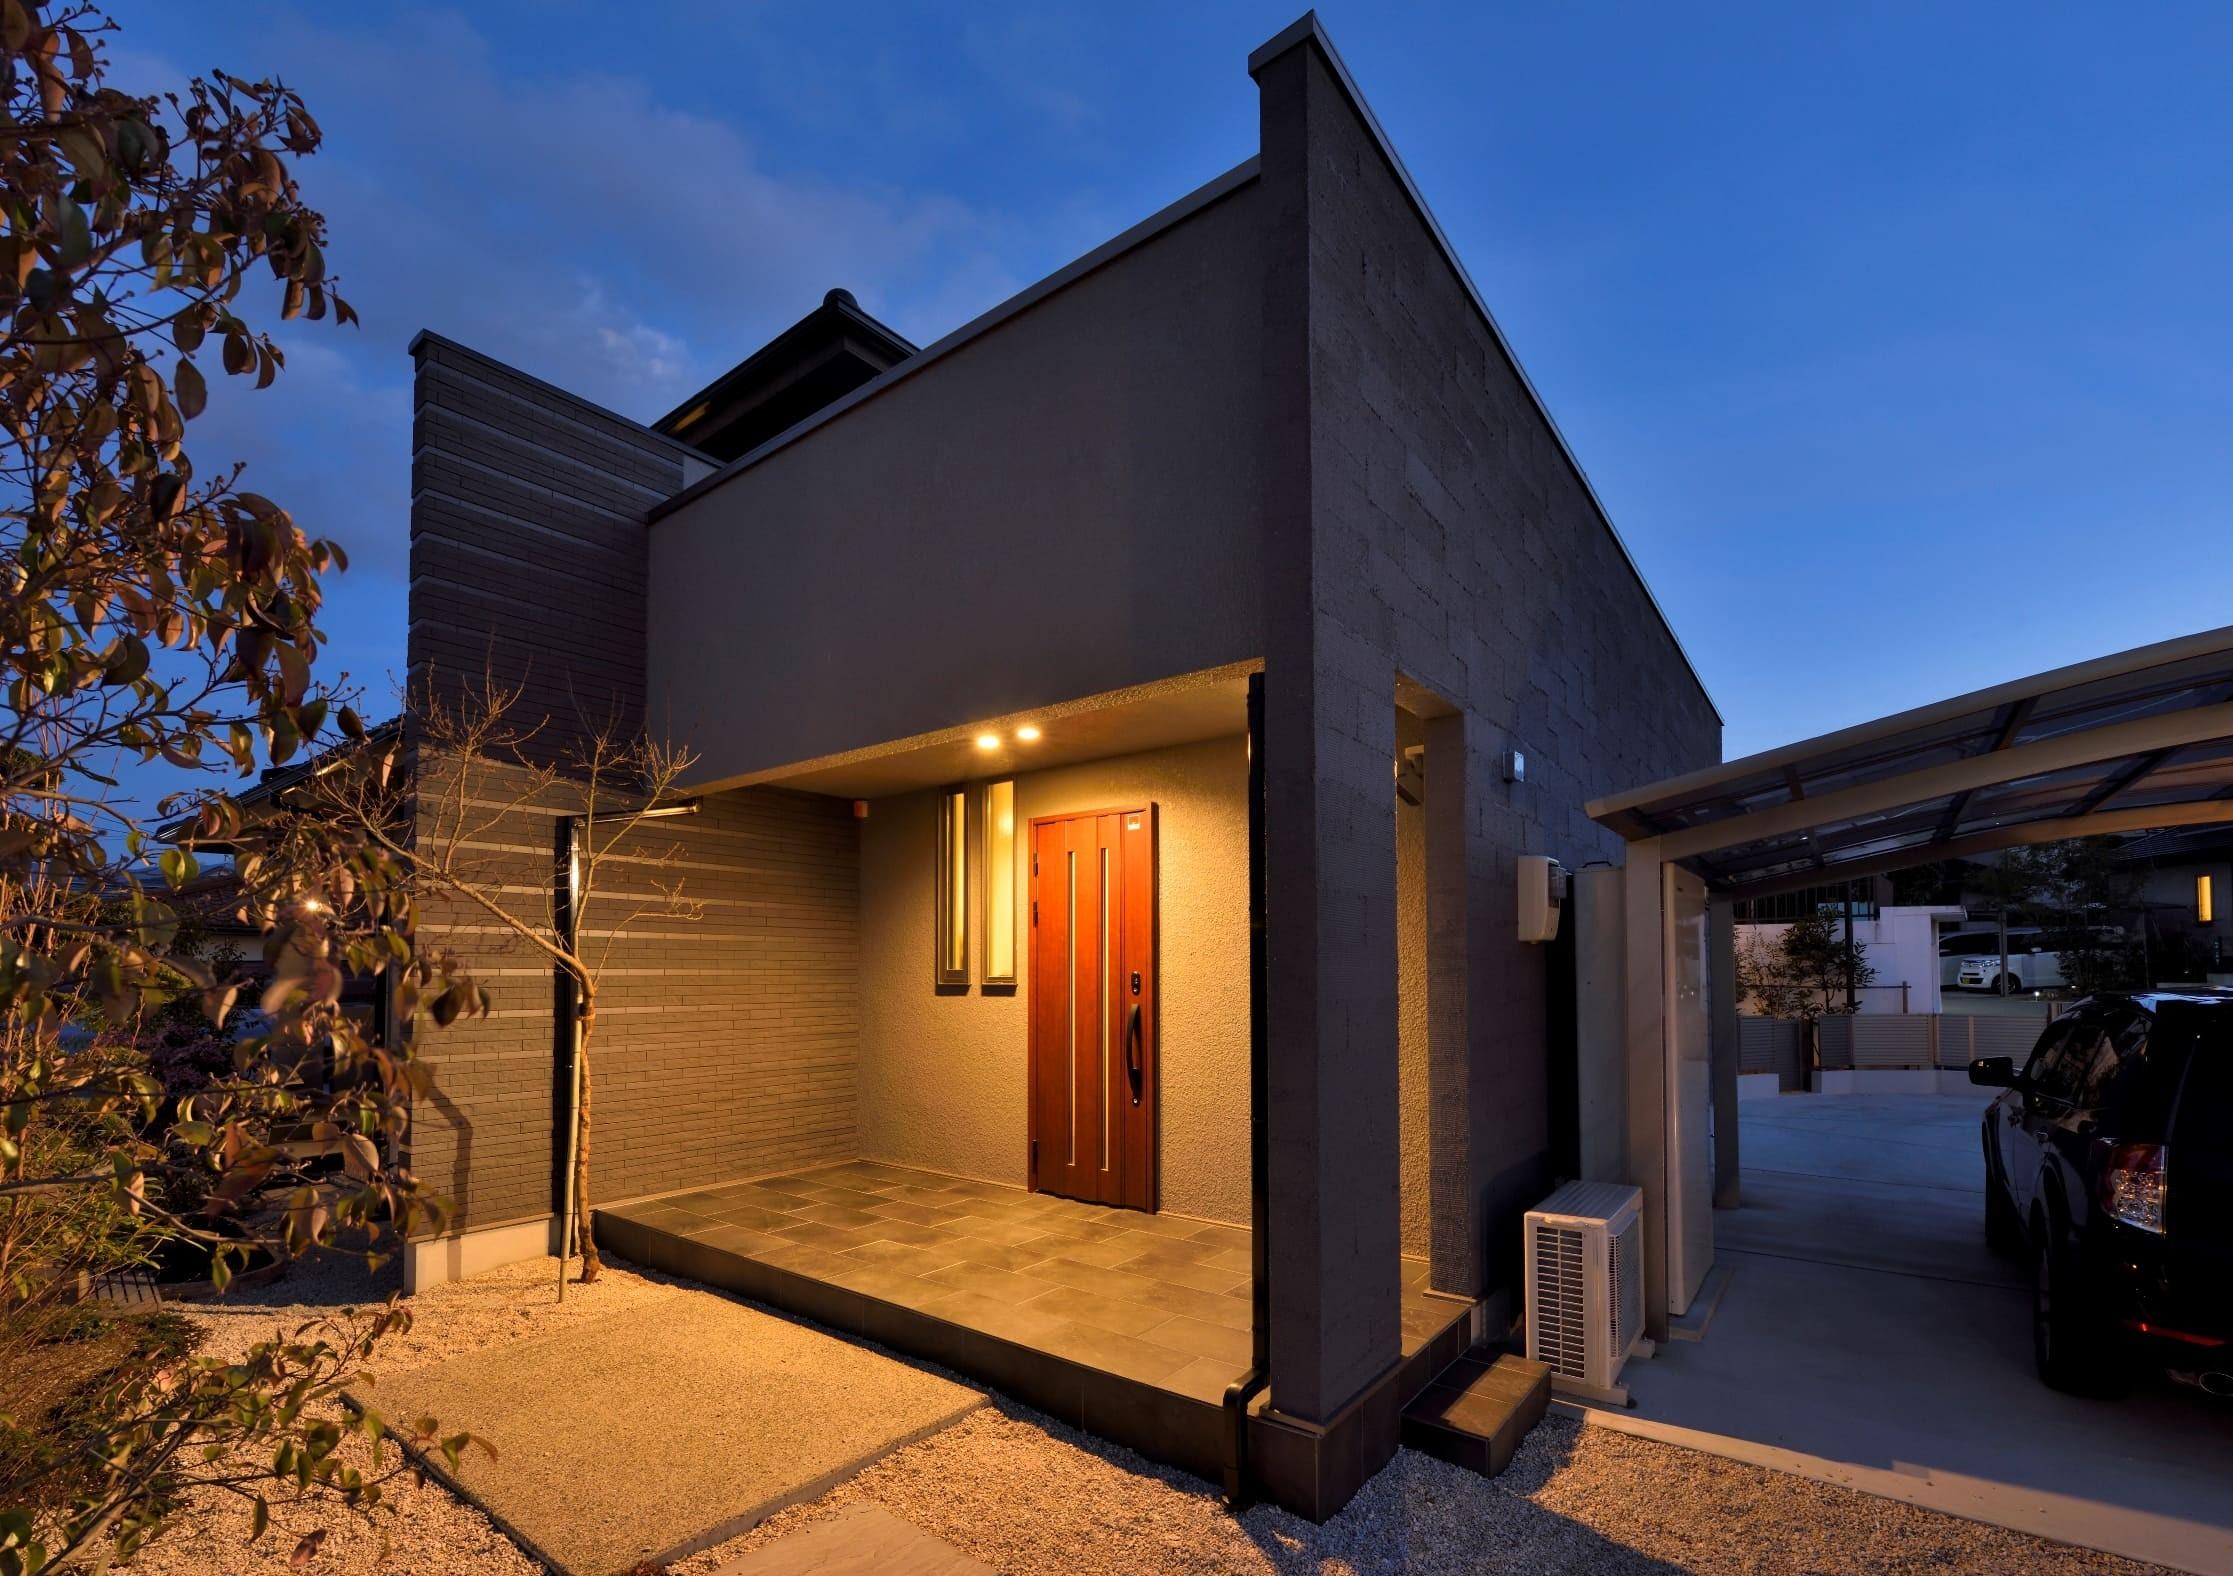 玄関事例:増築部分に設けた玄関ポーチ。(奥様の実家を増築して二世帯住宅にリフォーム。LDを広げて開放感あふれる空間に。)